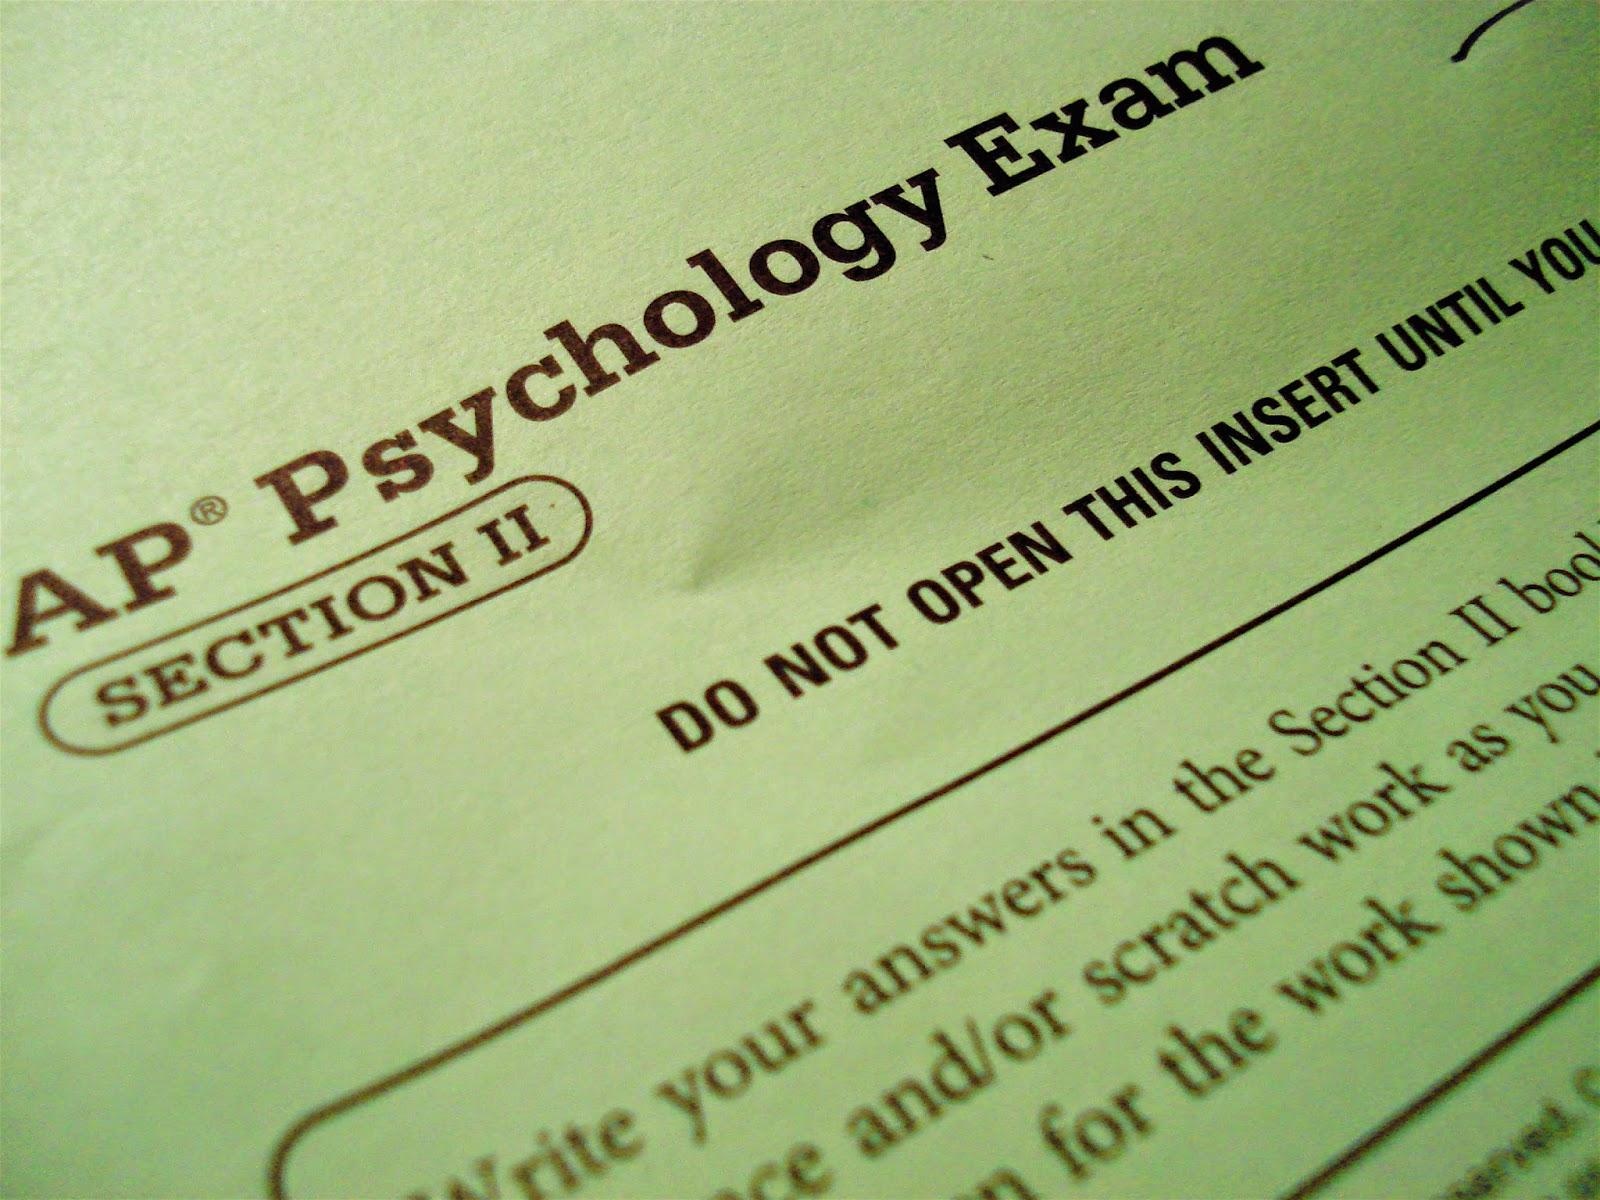 contoh soalan exam online pegawai psikologi s41